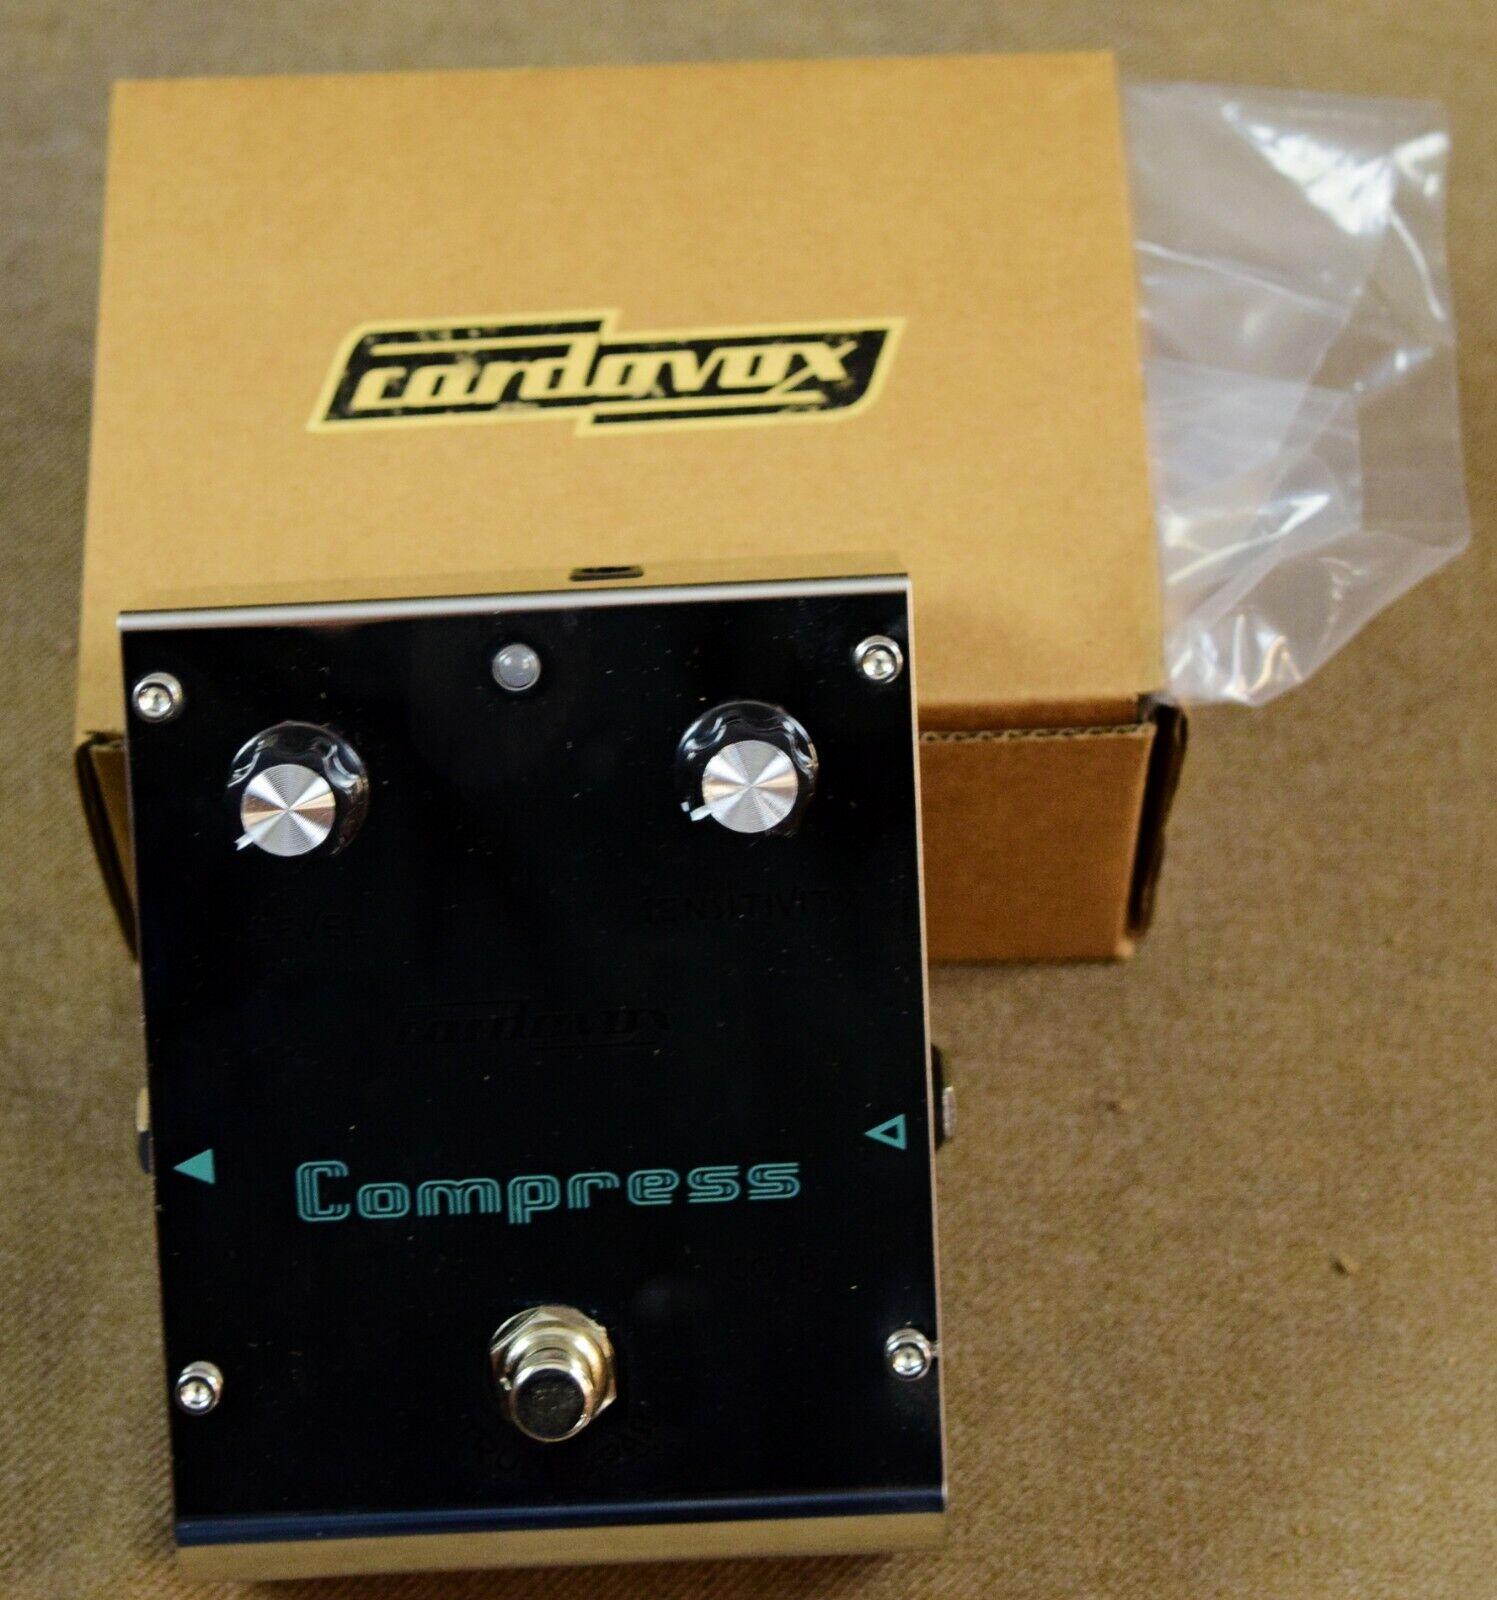 Cordovox CO-8 Compressor True Bypass New